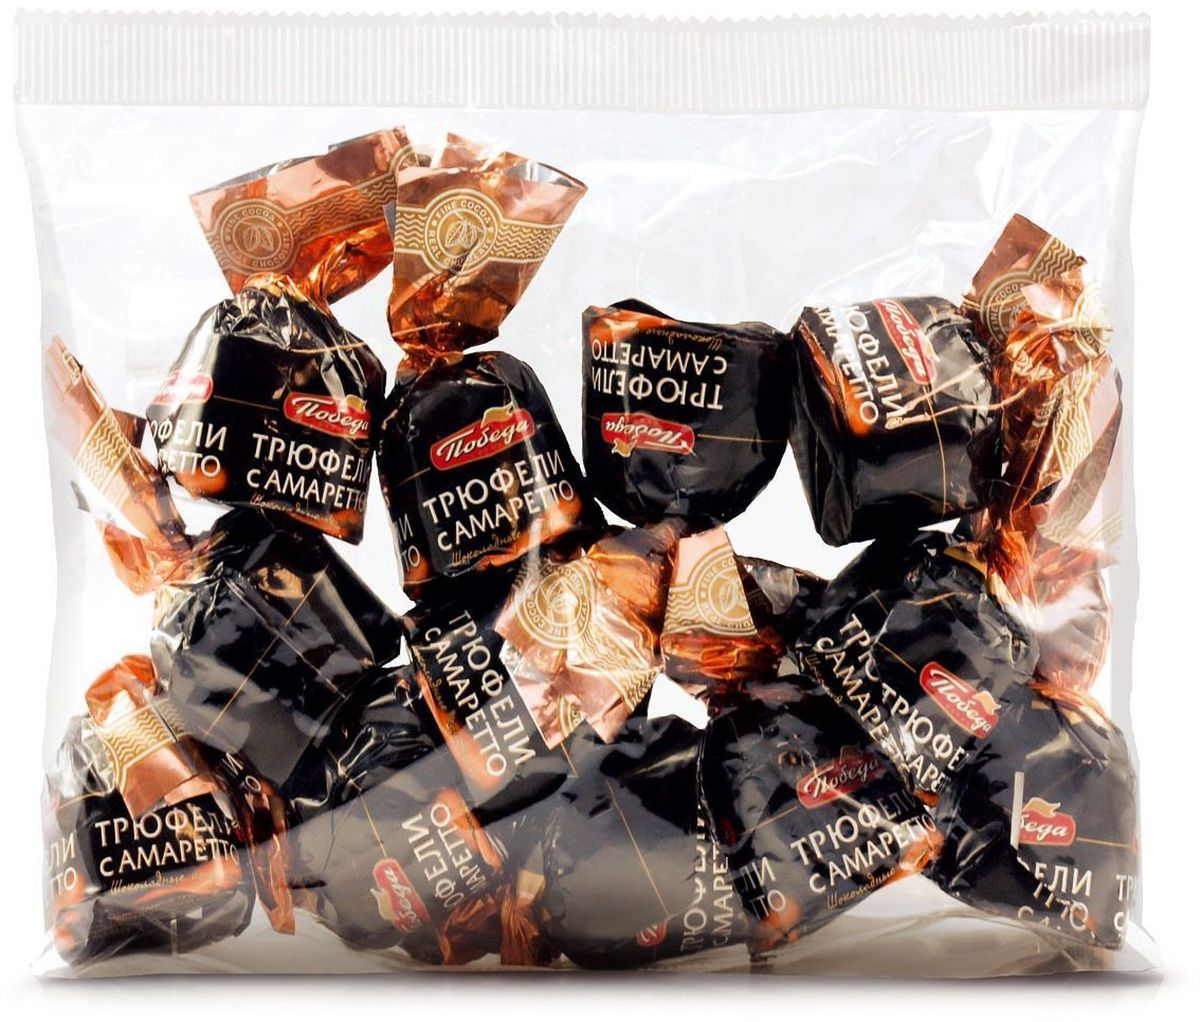 Победа вкуса Трюфели с амаретто шоколадные конфеты, 200 г541Трюфели салкоголем откондитерской фабрики Победа - премиум-десерт, созданный поклассическому рецепту. Нежная трюфельная масса изсливок ишоколада пропитана амаретто иокружена нежной оболочкой изсливочного шоколада. Как и все разновидности трюфелей от кондитерской фабрики Победа, трюфели с алкоголем произведены из высококачественного сырья с применением современных технологий.